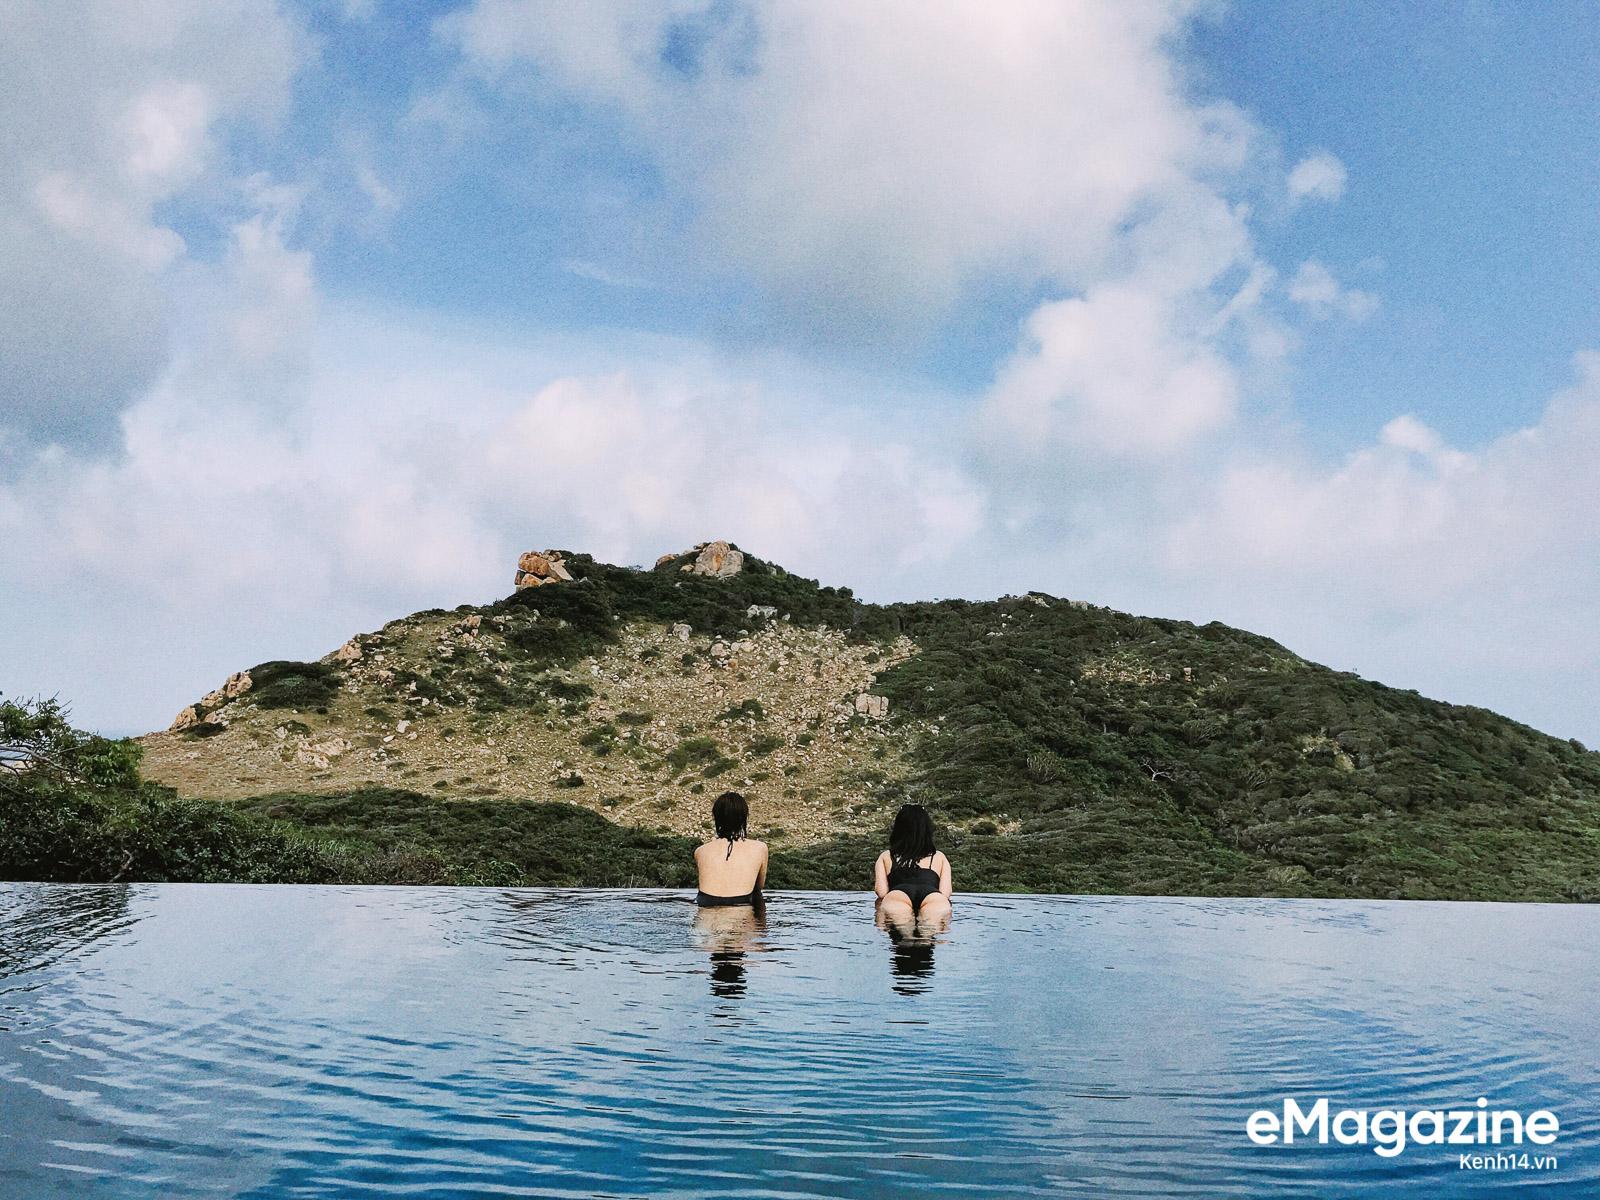 3 resort sang chảnh nhất Việt Nam mà bạn chỉ cần ngắm ảnh người khác đi cũng đã thấy sướng rồi! - Ảnh 4.